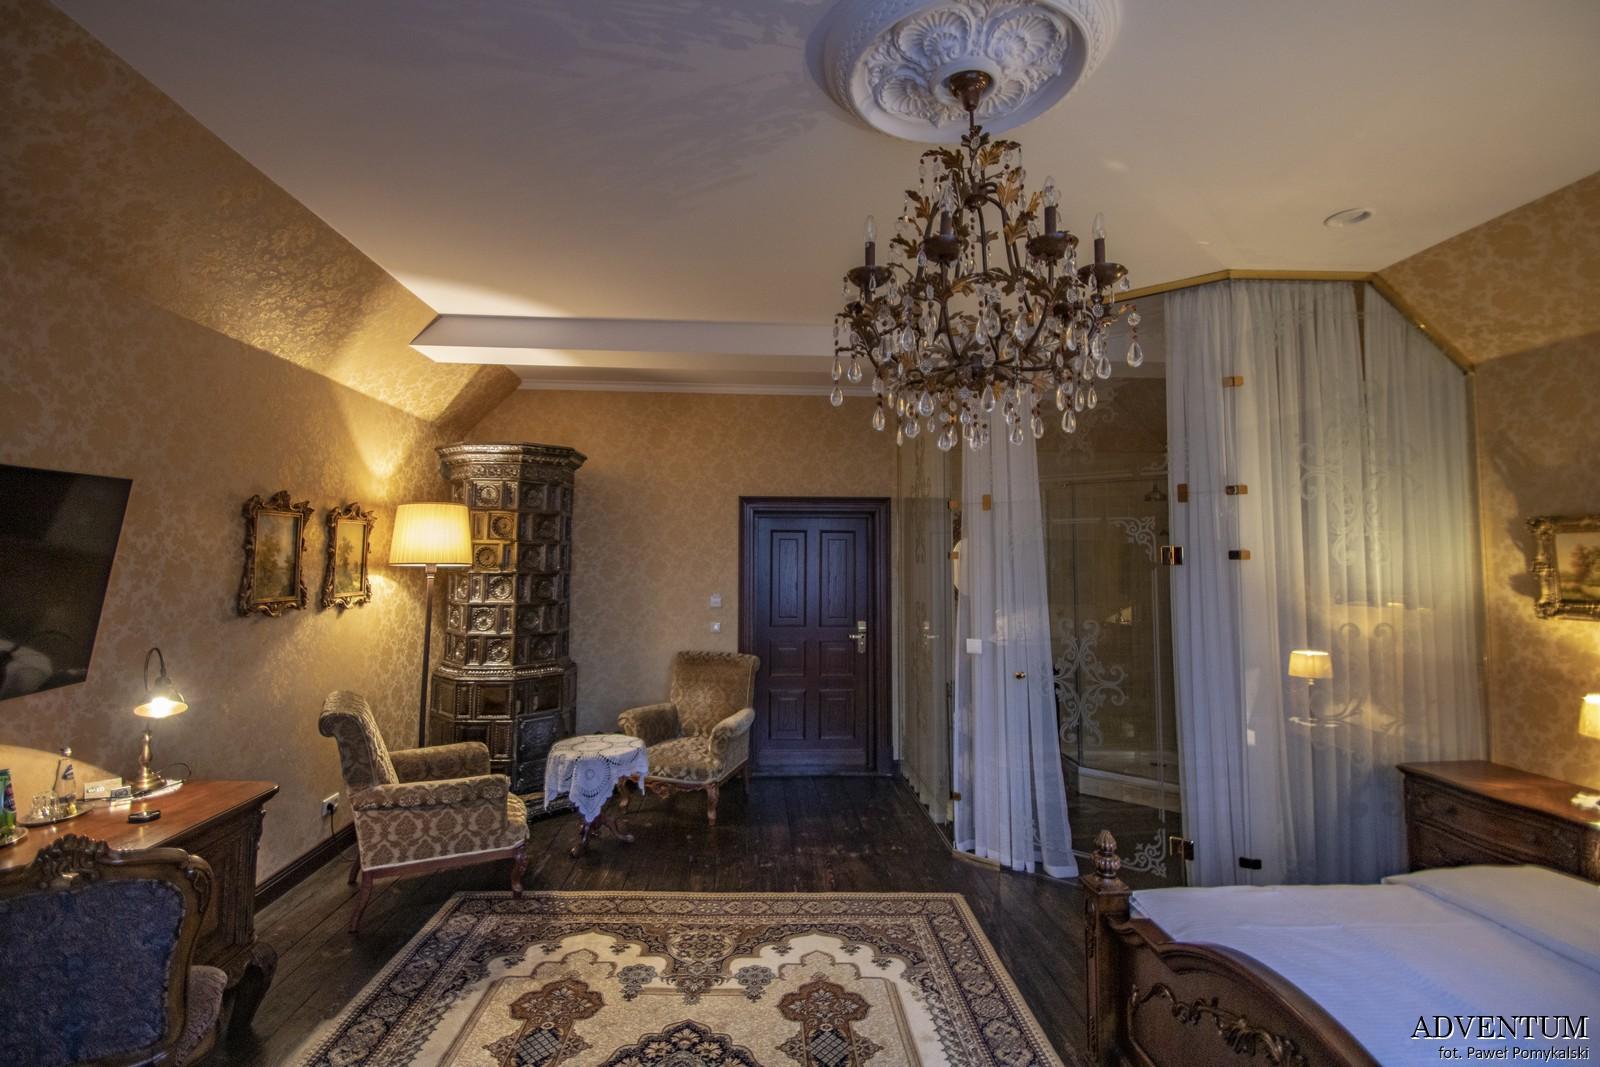 Gruszów pałac dolny śląsk świdnica hotel noclegi wnętrza apartament